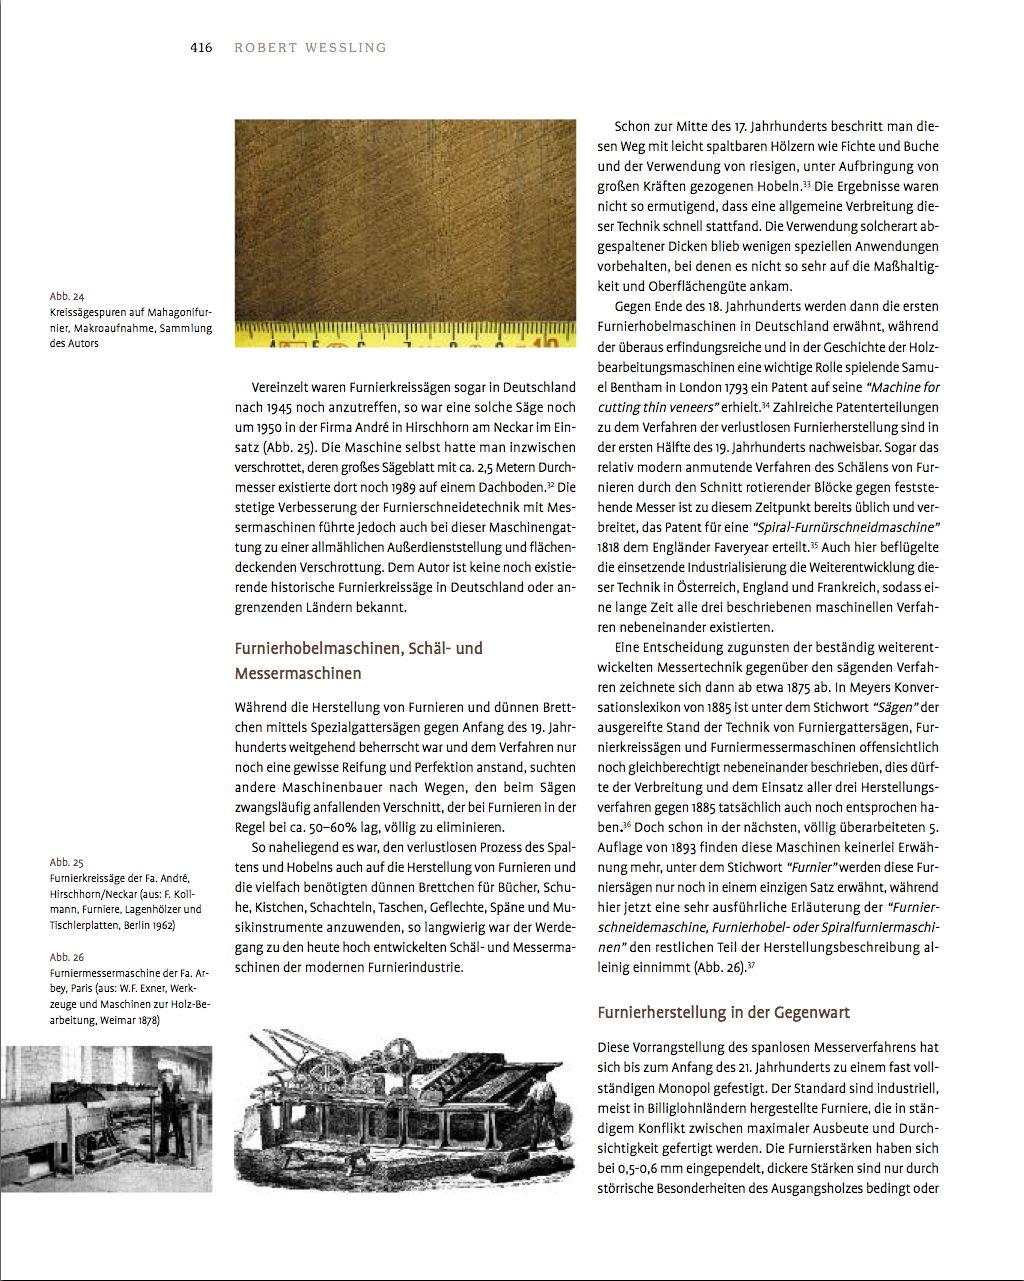 Galerie - Bild 12